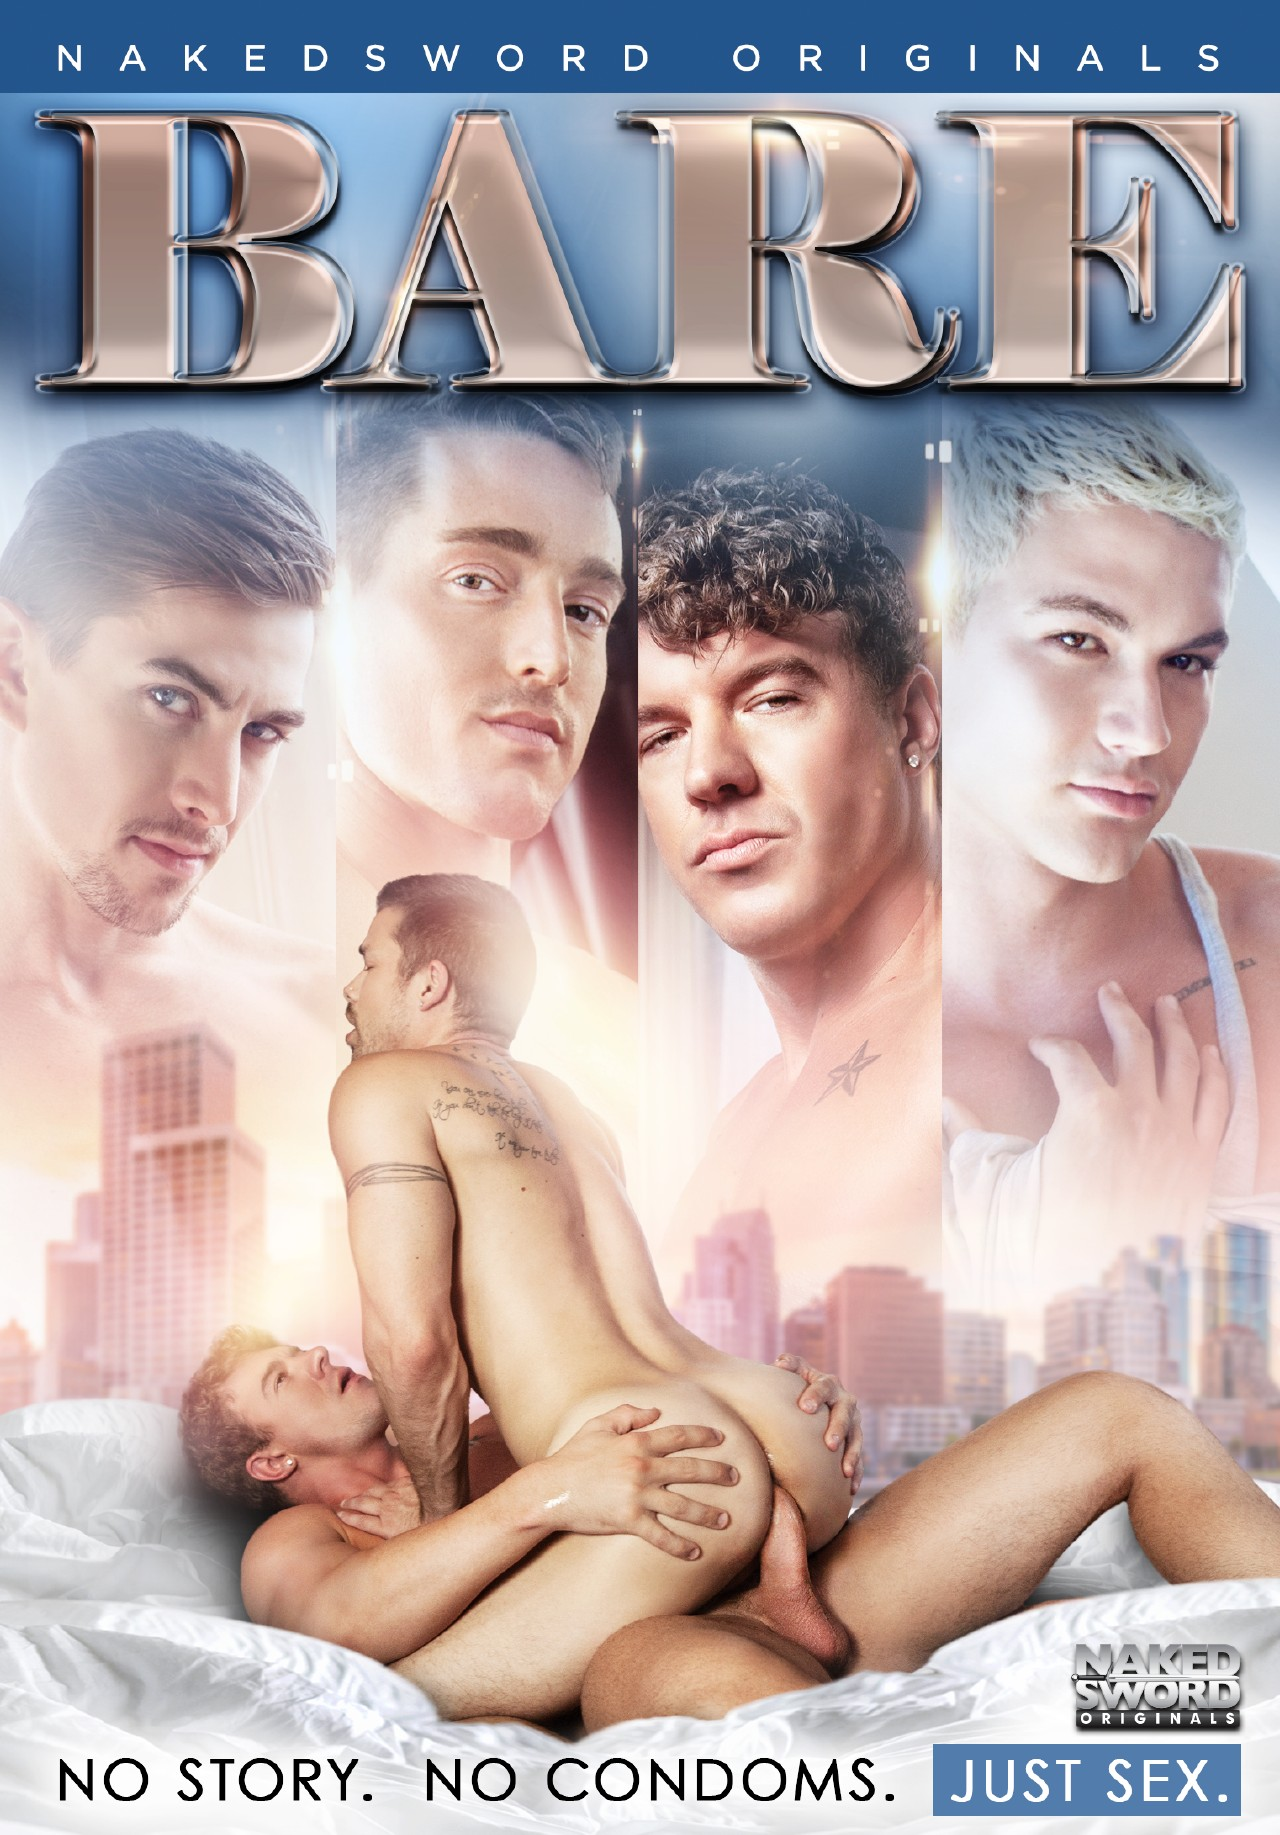 Bareback gay naked sword images